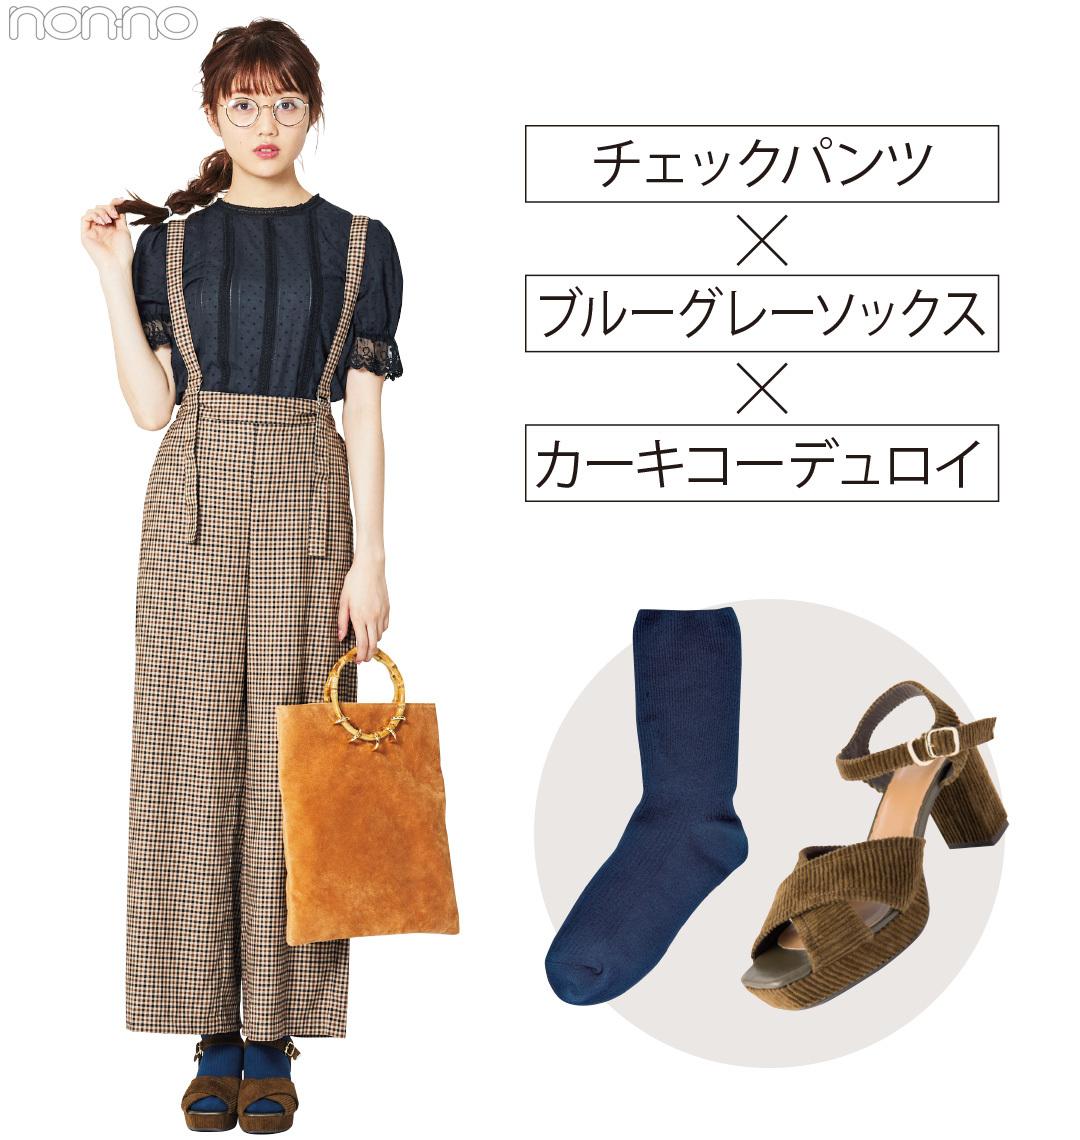 秋サンダル2018の足元コーデ★靴下合わせの正解教えます!_1_2-3